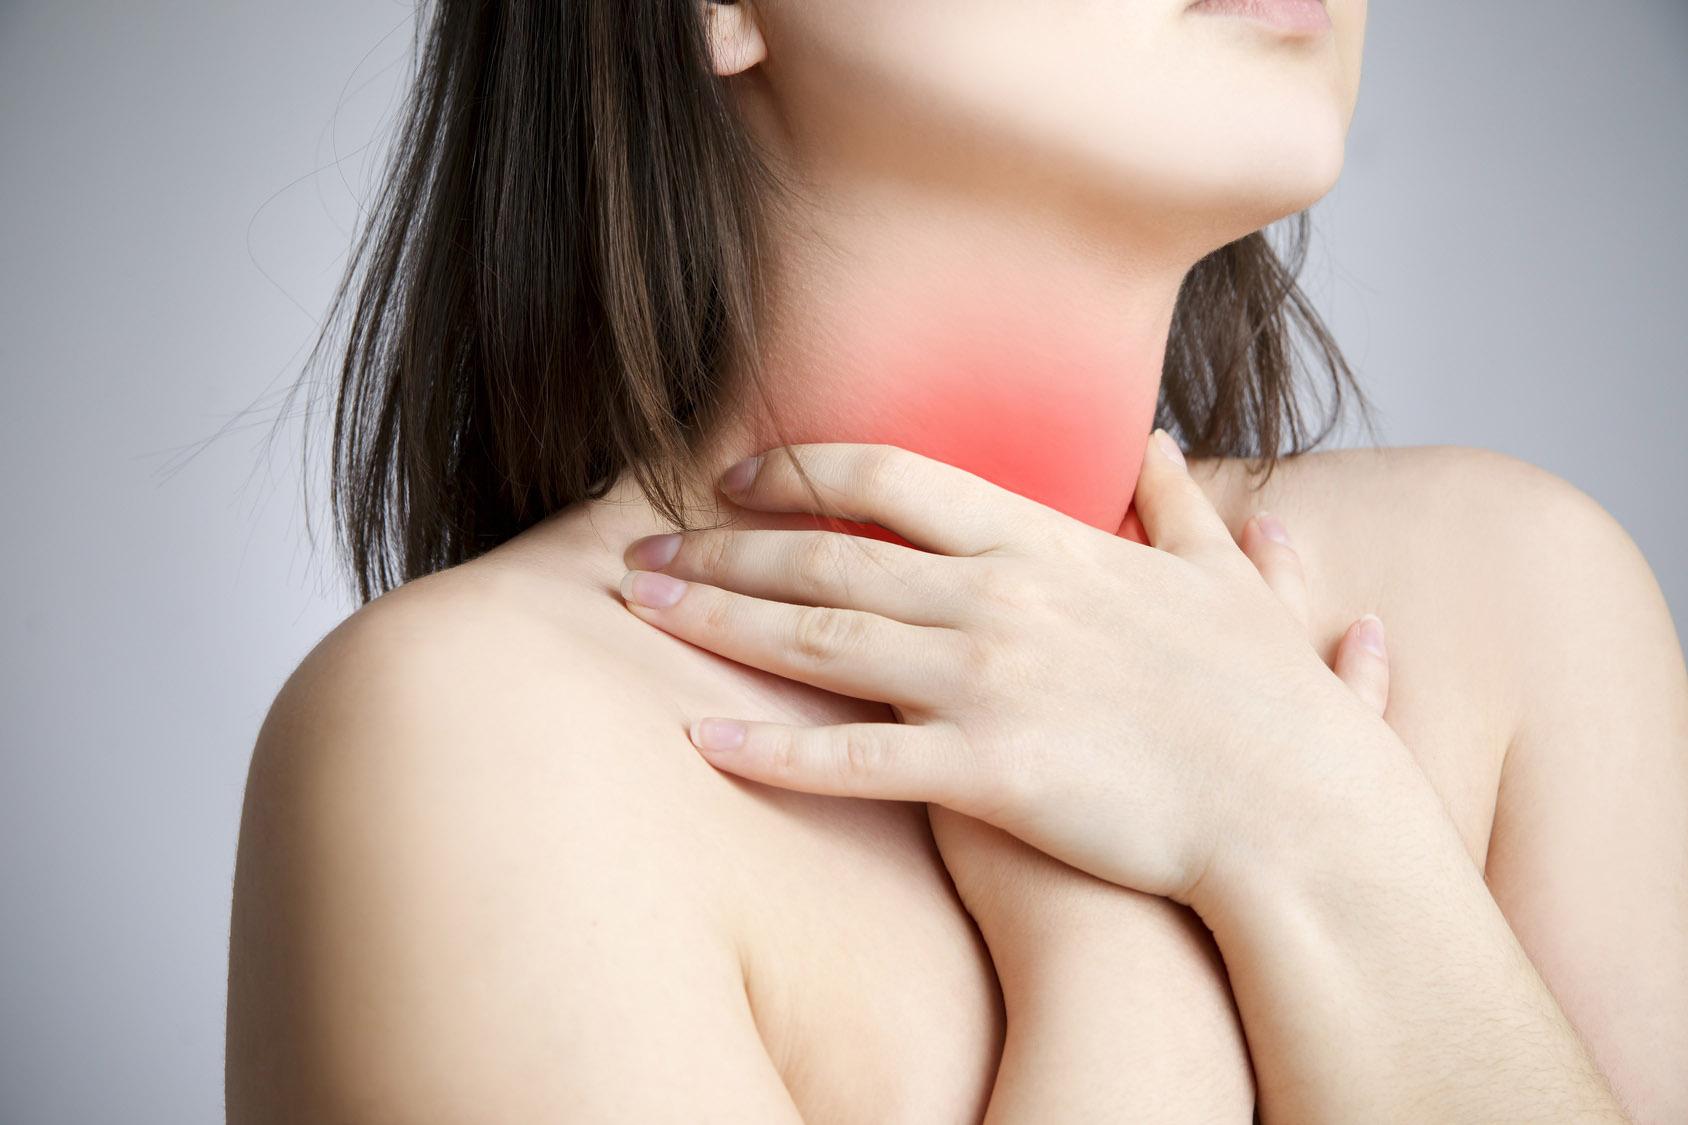 Göğüs Tıkanmasına Ne iyi Gelir: Göğüs Tıkanıklığı İçin Evde Tedavi Yöntemleri